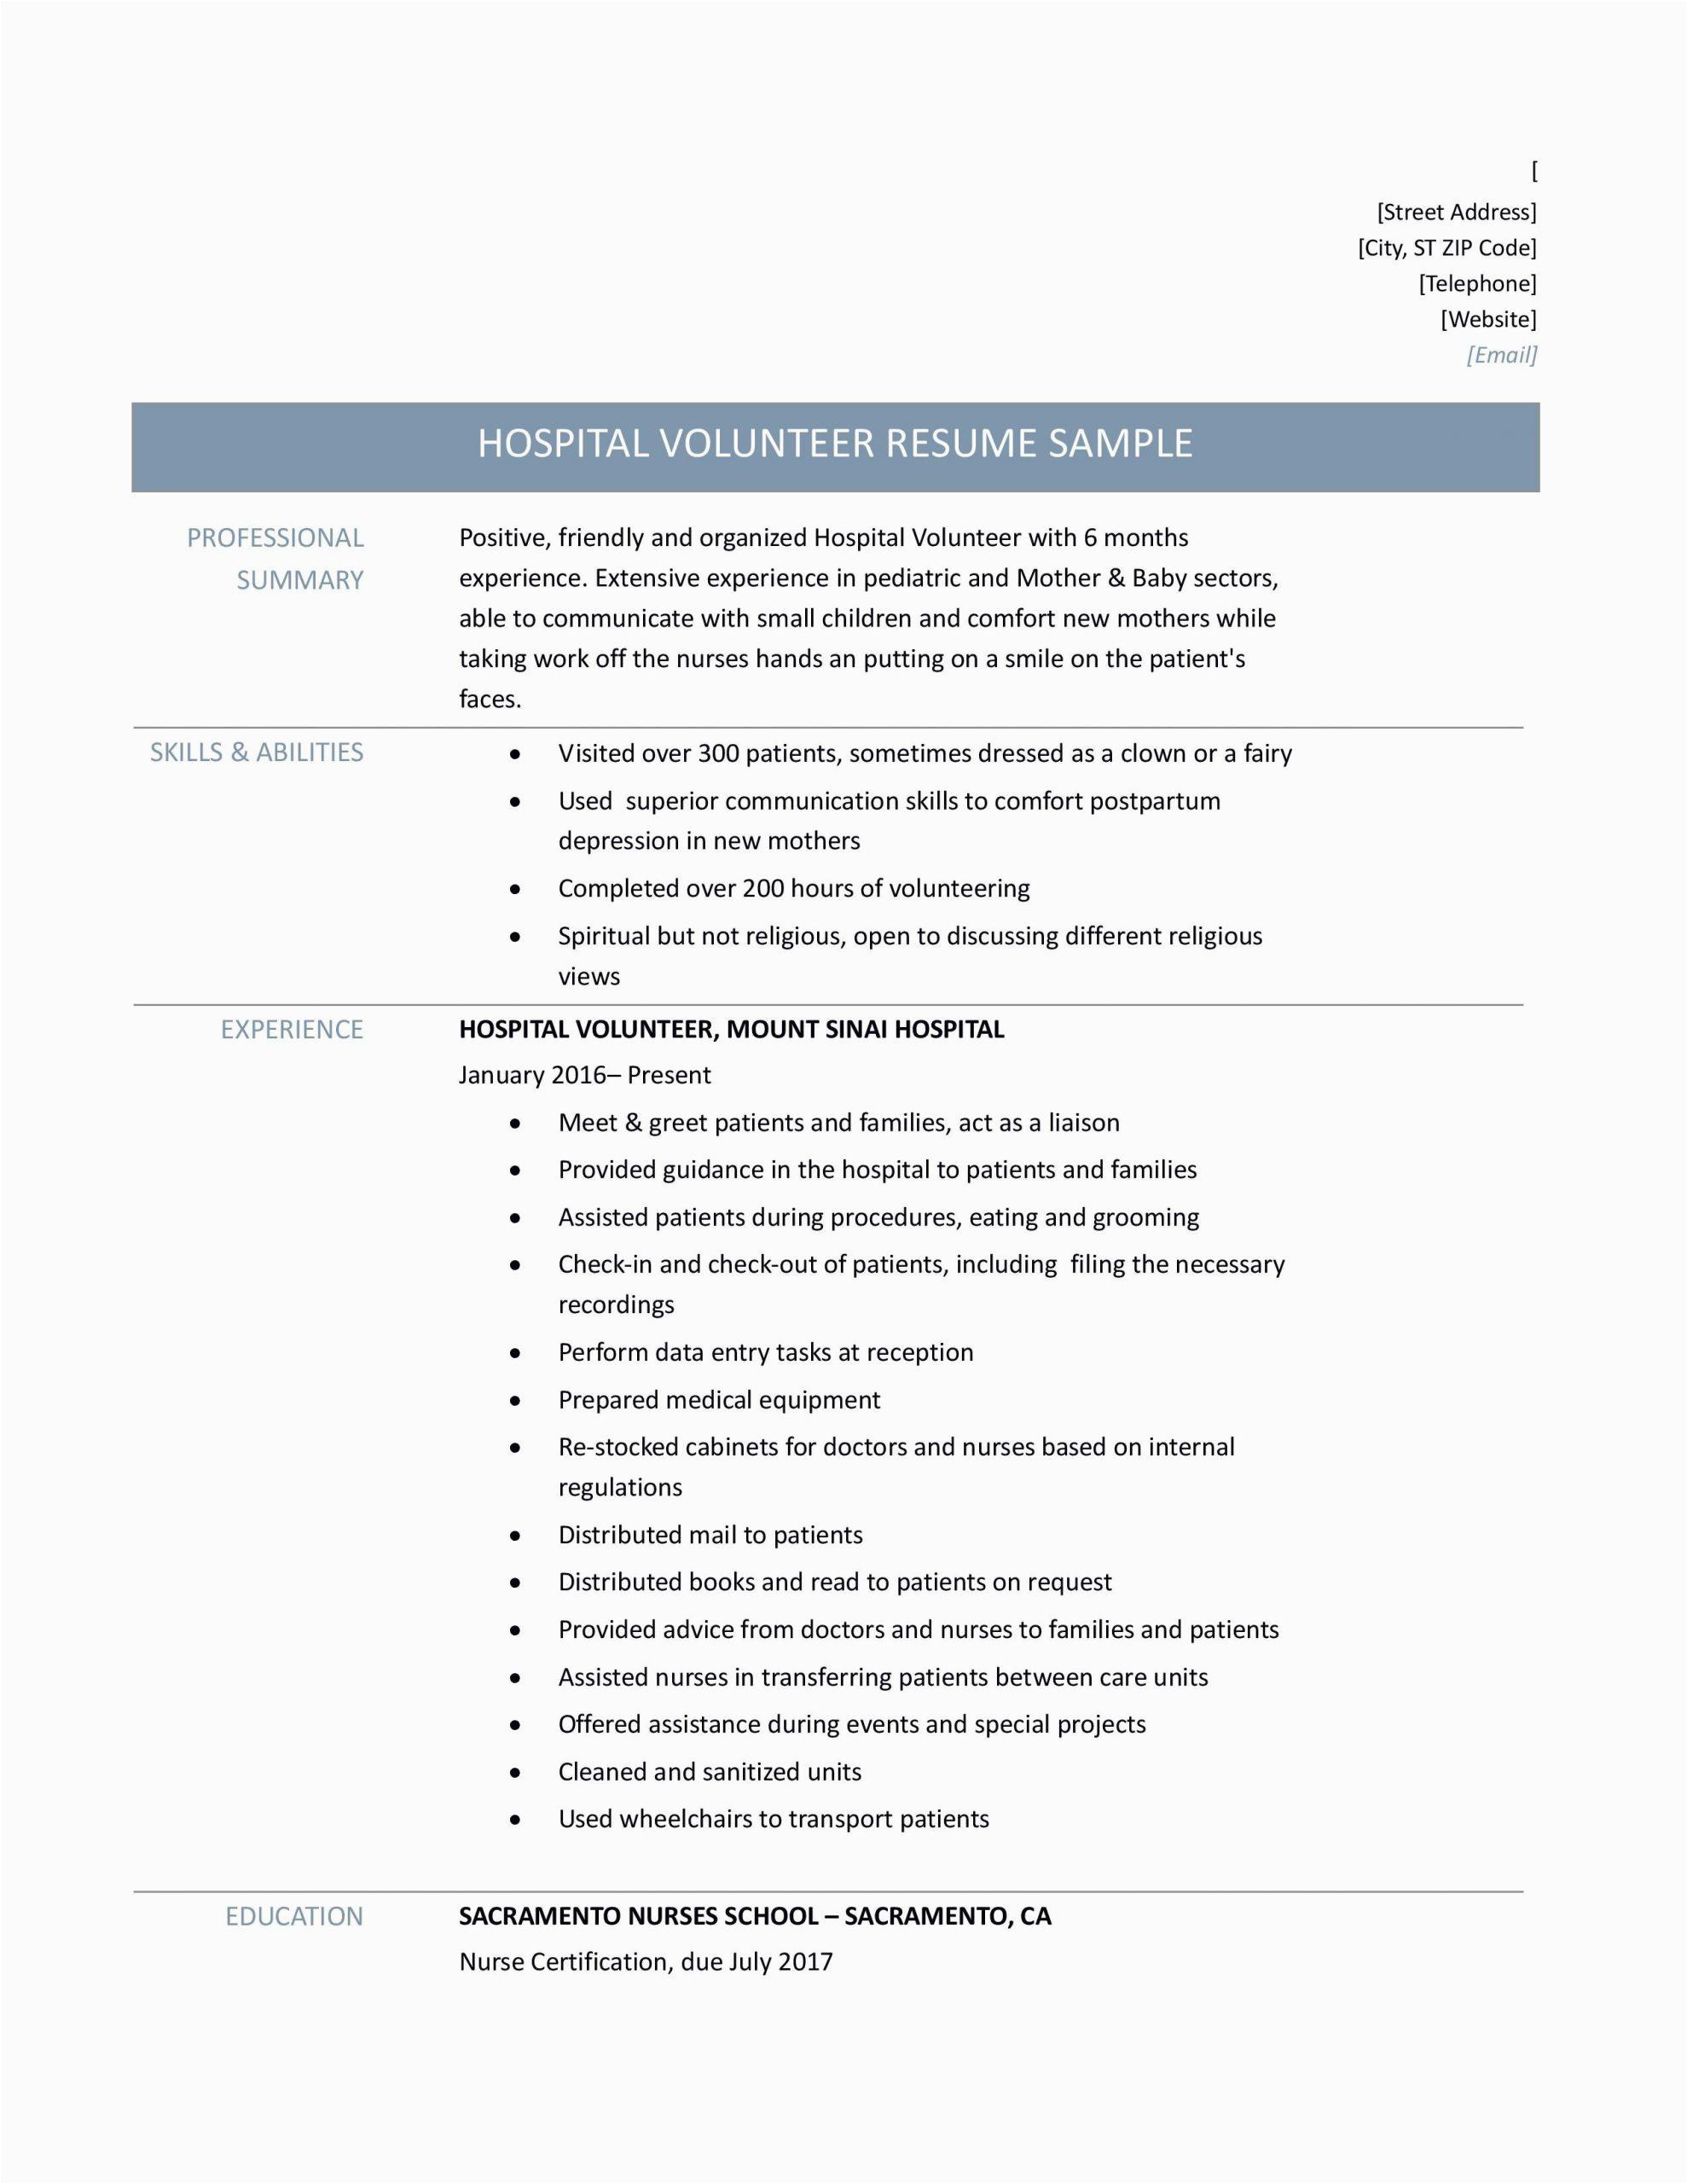 hospital volunteer duties resume